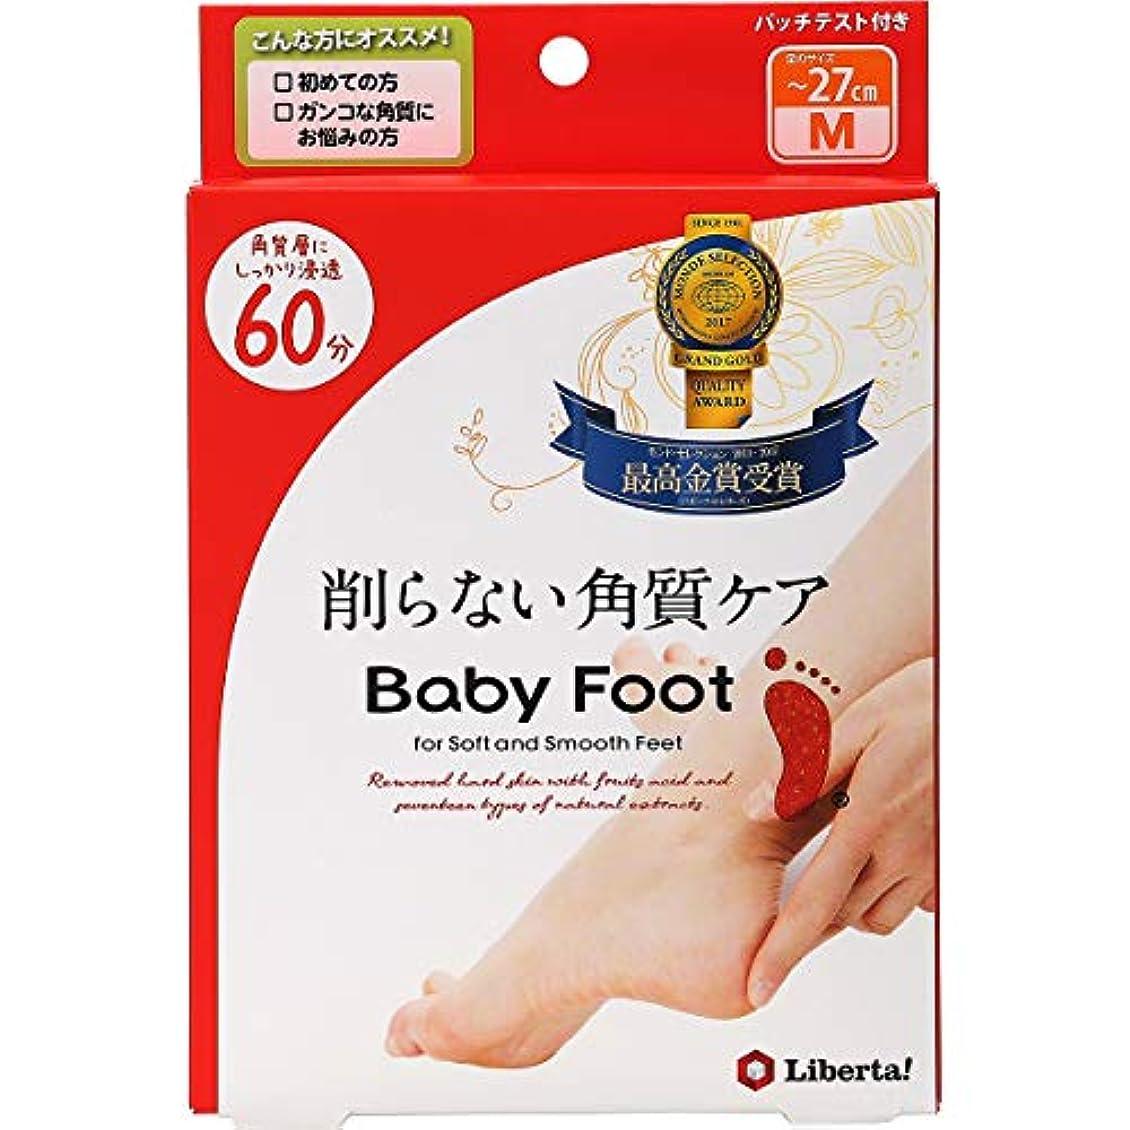 素晴らしさ意外エイリアンベビーフット (Baby Foot) ベビーフット イージーパック SPT60分タイプ Mサイズ 単品